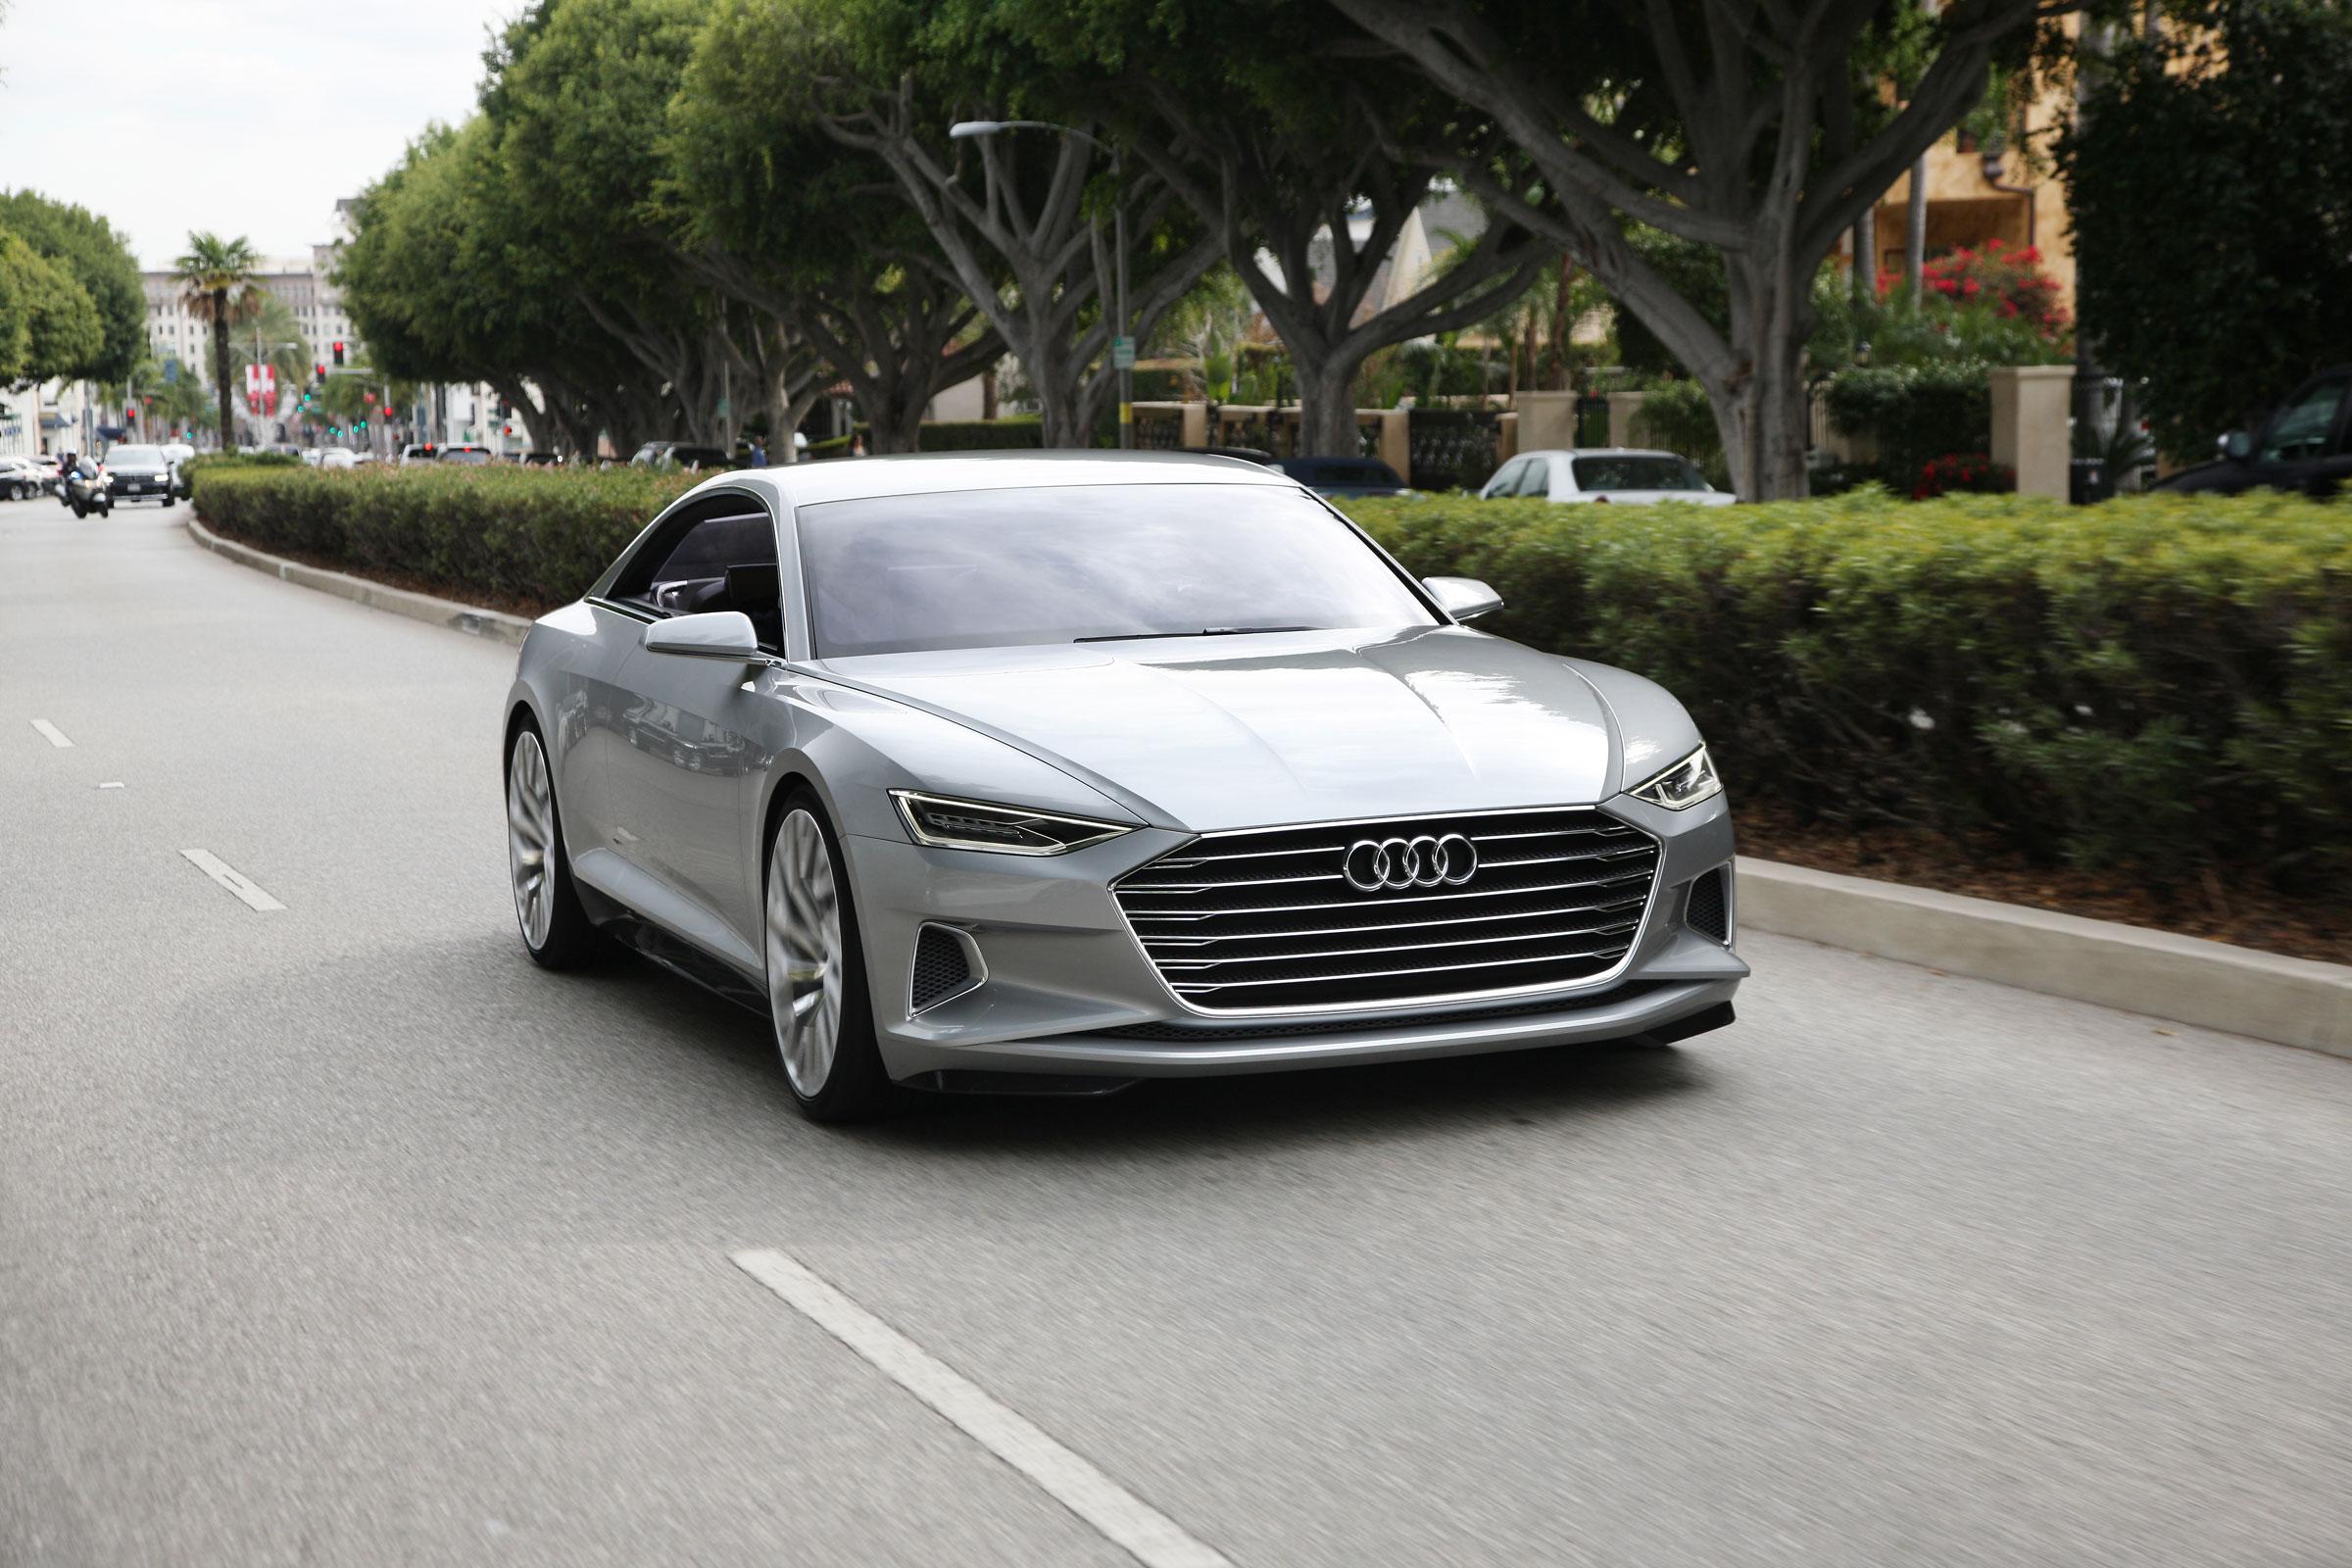 Kelebihan Audi A9 2018 Perbandingan Harga